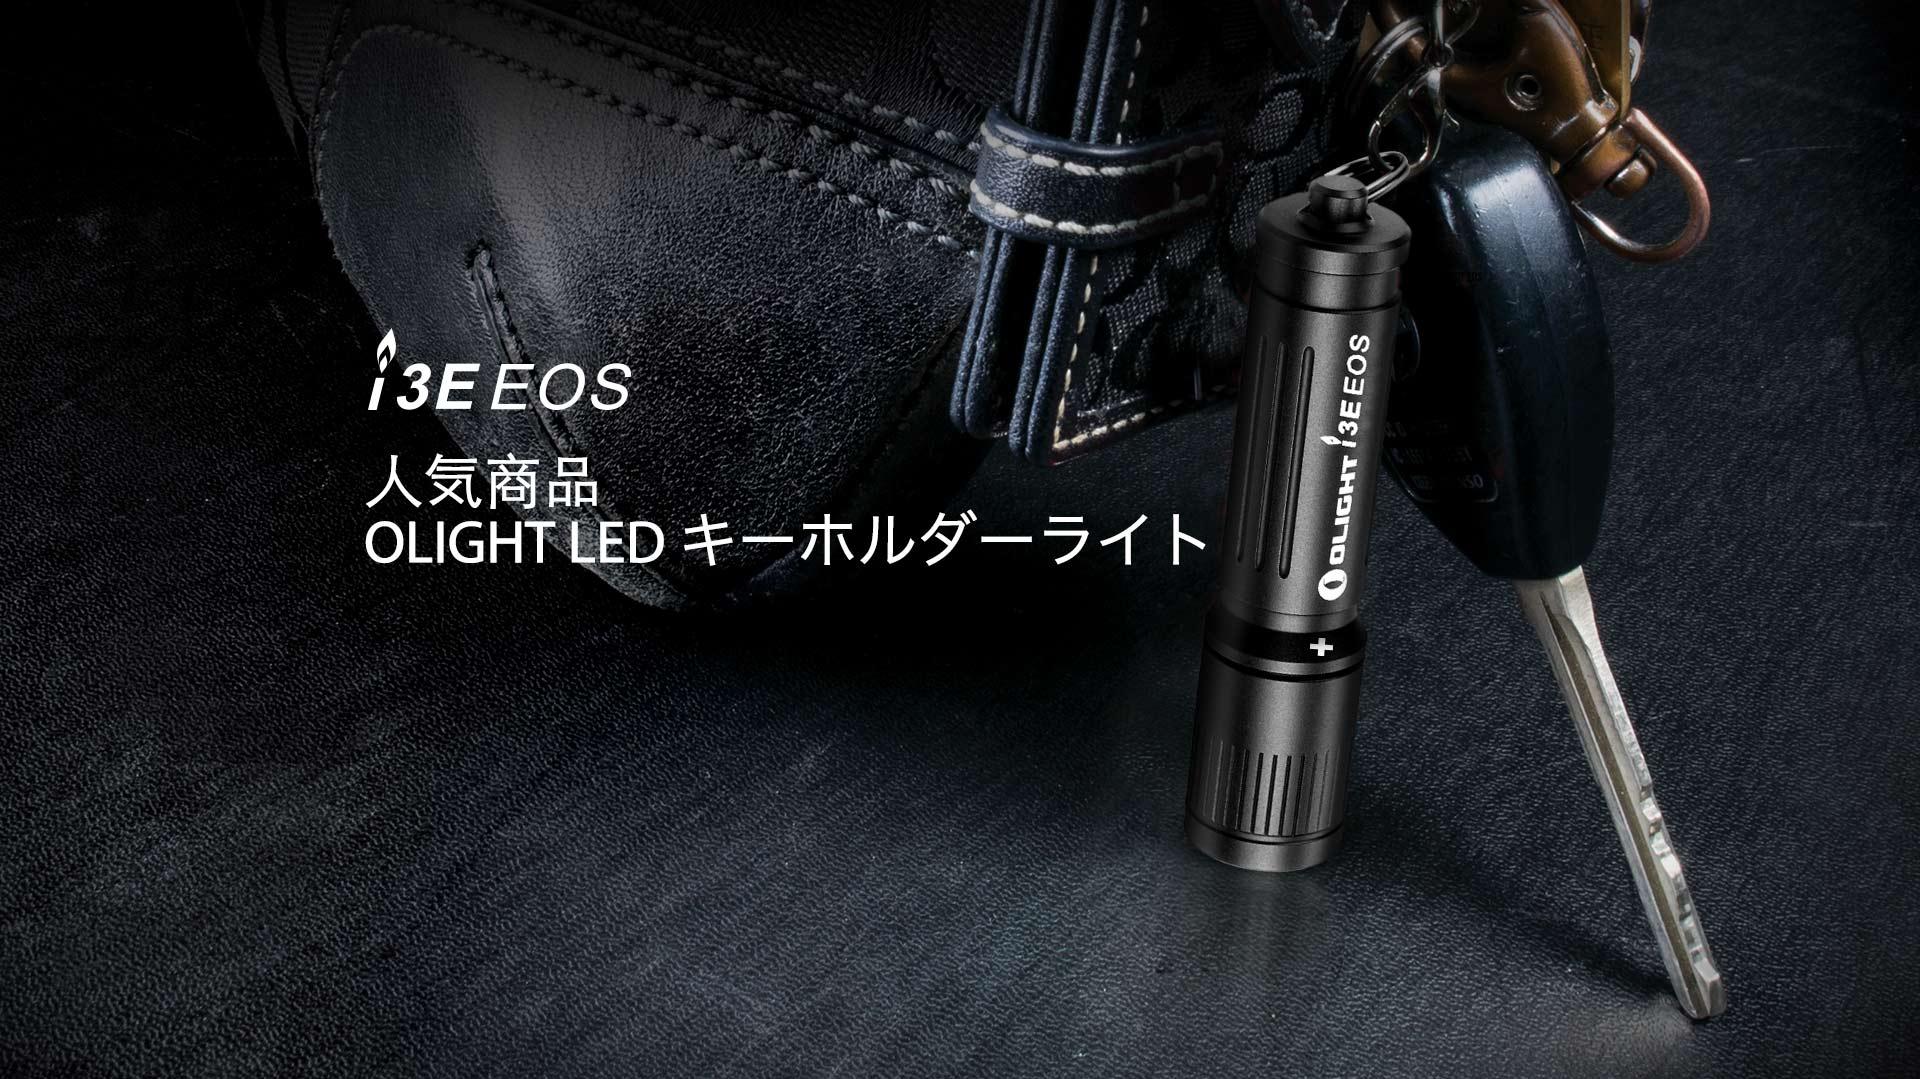 i3e eosはOlightの人気アイテムで、キーと同じサイズで持ち運びに便利なツールです。